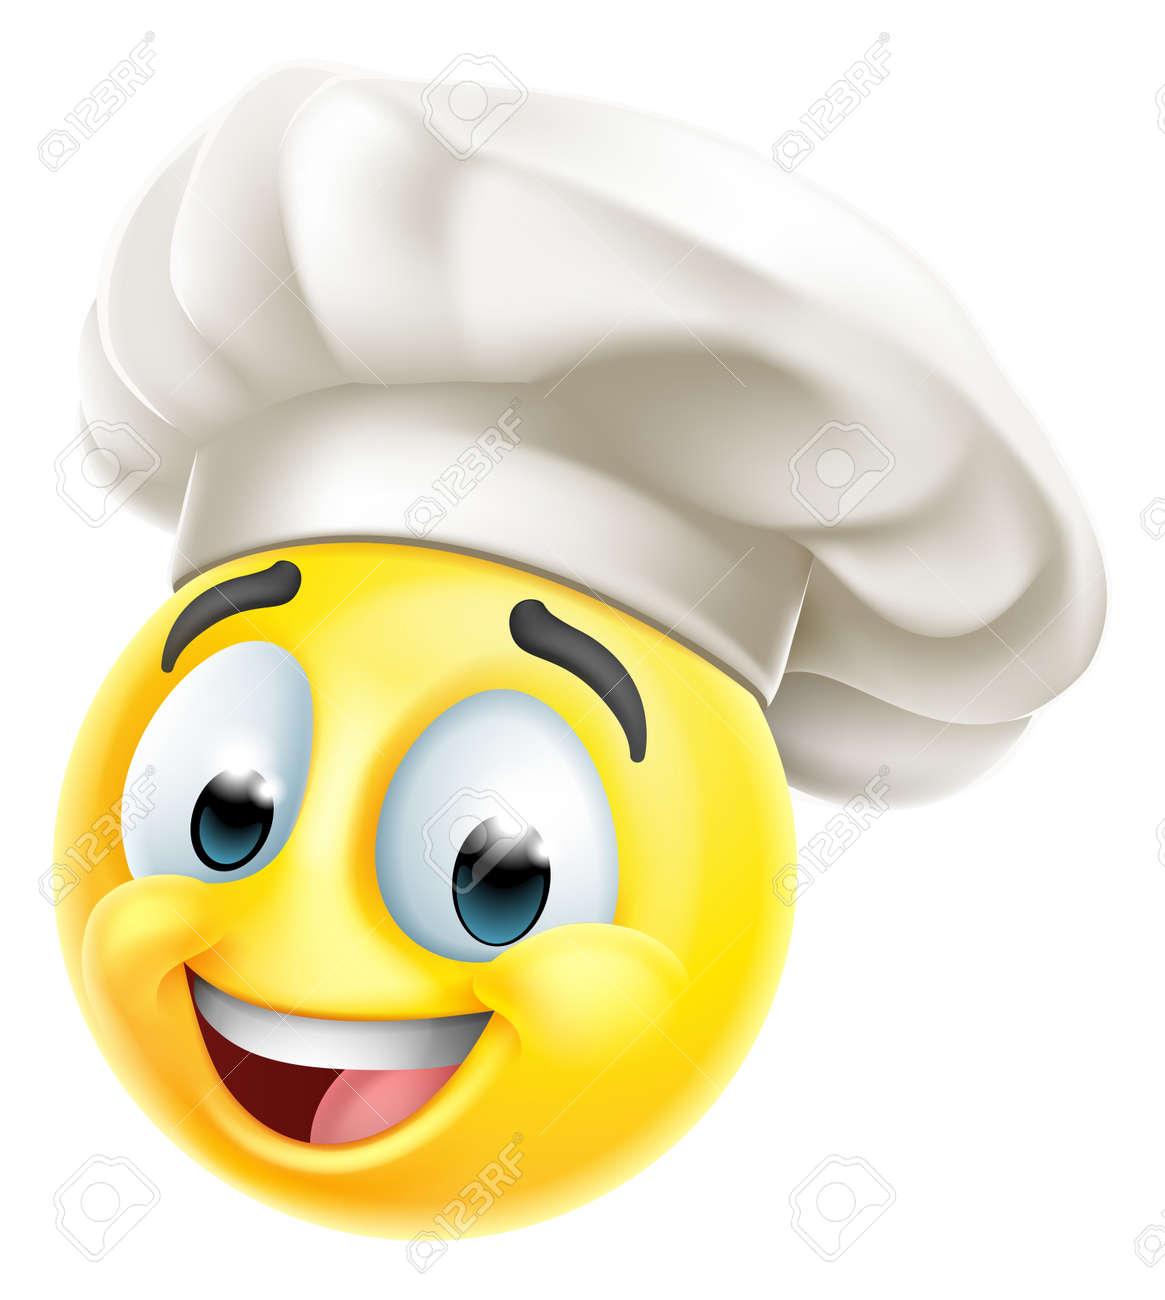 Chef Emoticon Cook Cartoon Face - 167359255